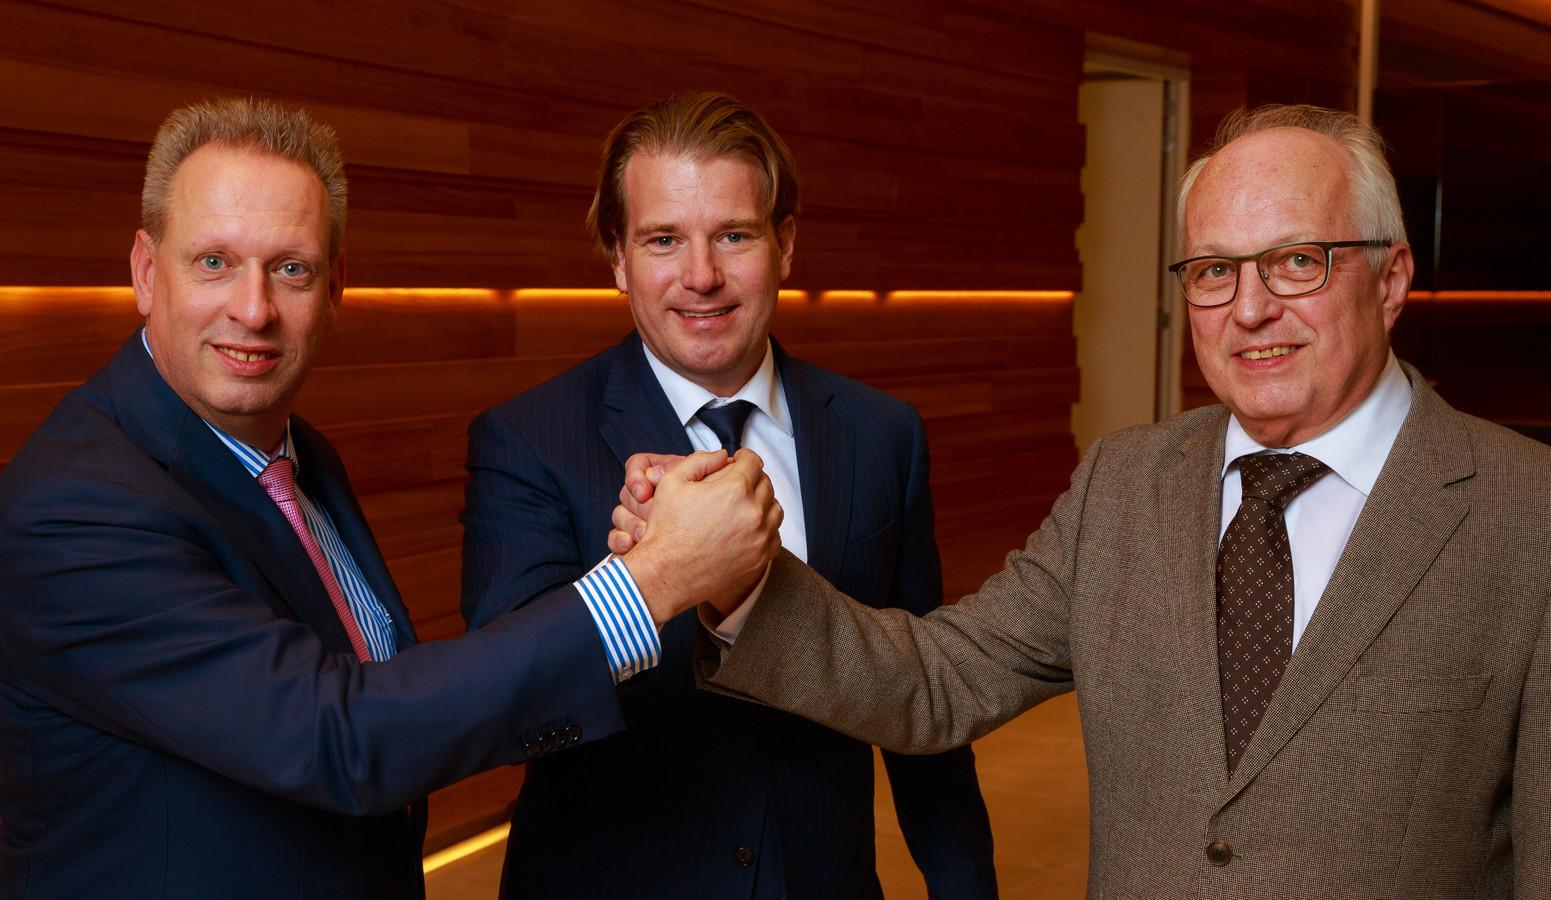 Hans Winters (CEO Siemens Nederland), Willem van der Leegte (president-directeur VDL Groep) en Jan Smits (Directeur Strategische Inkoop & Verwerving ASML) vieren de afronding van de overname.